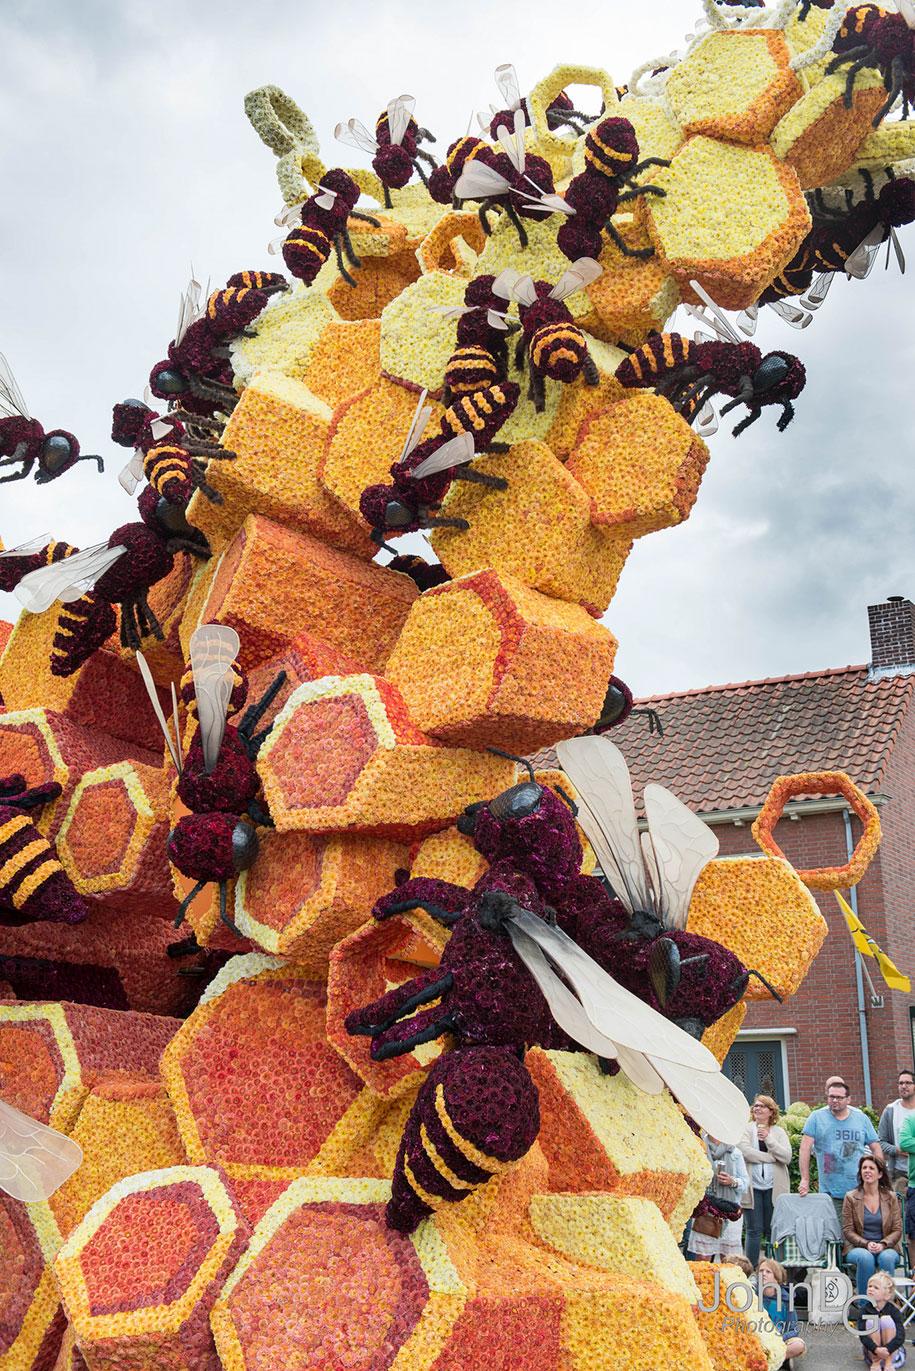 giant-flower-sculpture-parade-corso-zundert-2016-netherlands-32